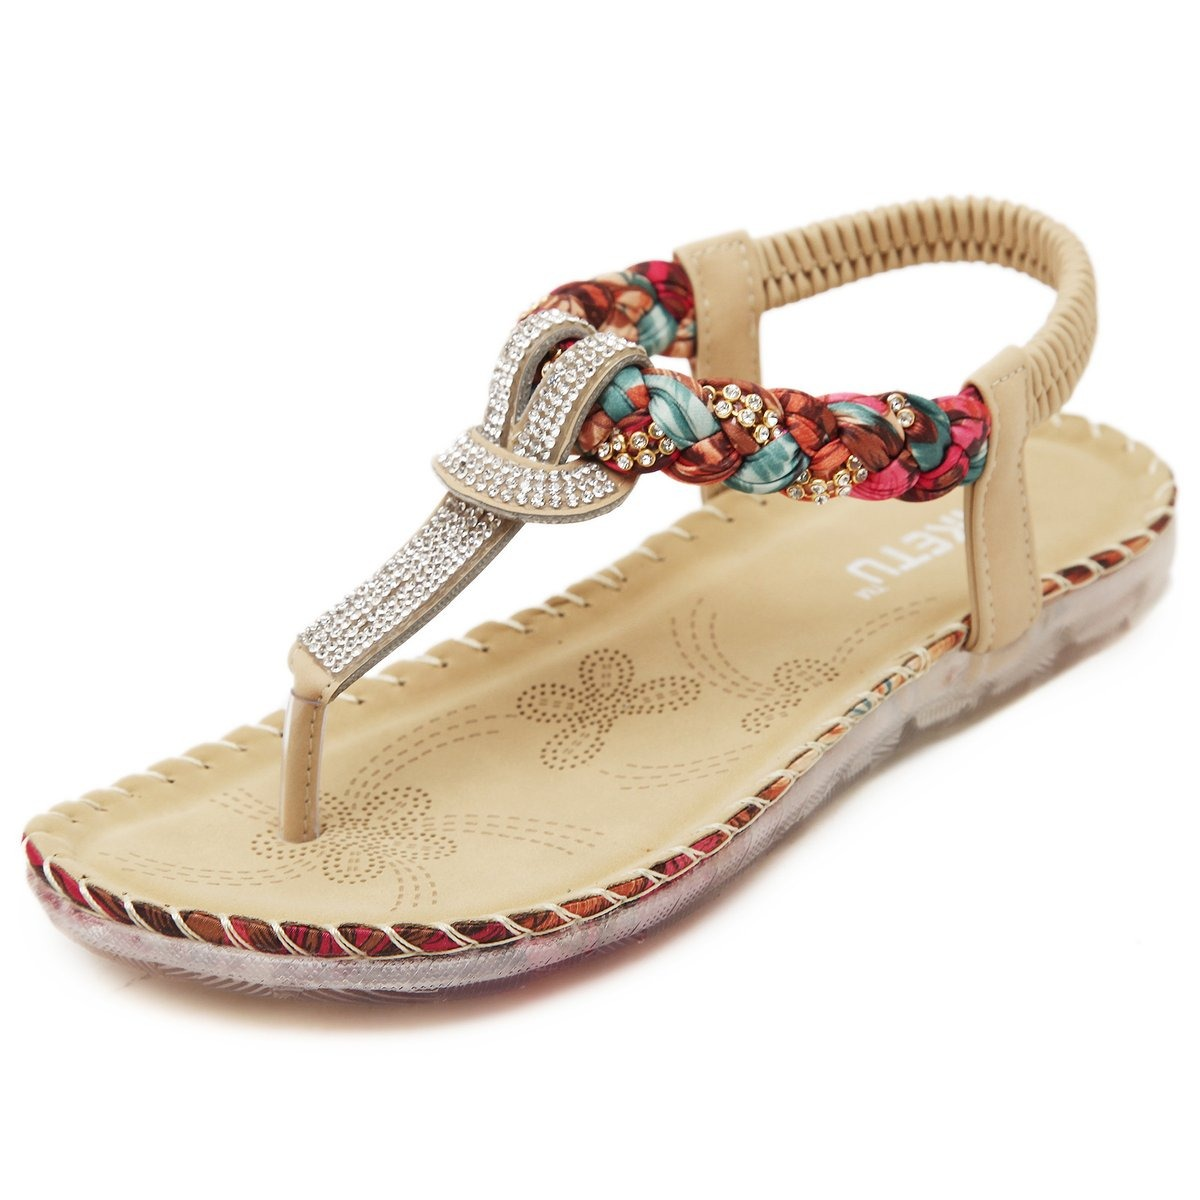 173e2fcc633 Sandalias Confortables Para Mujer Número 36 -   25.000 en Mercado Libre